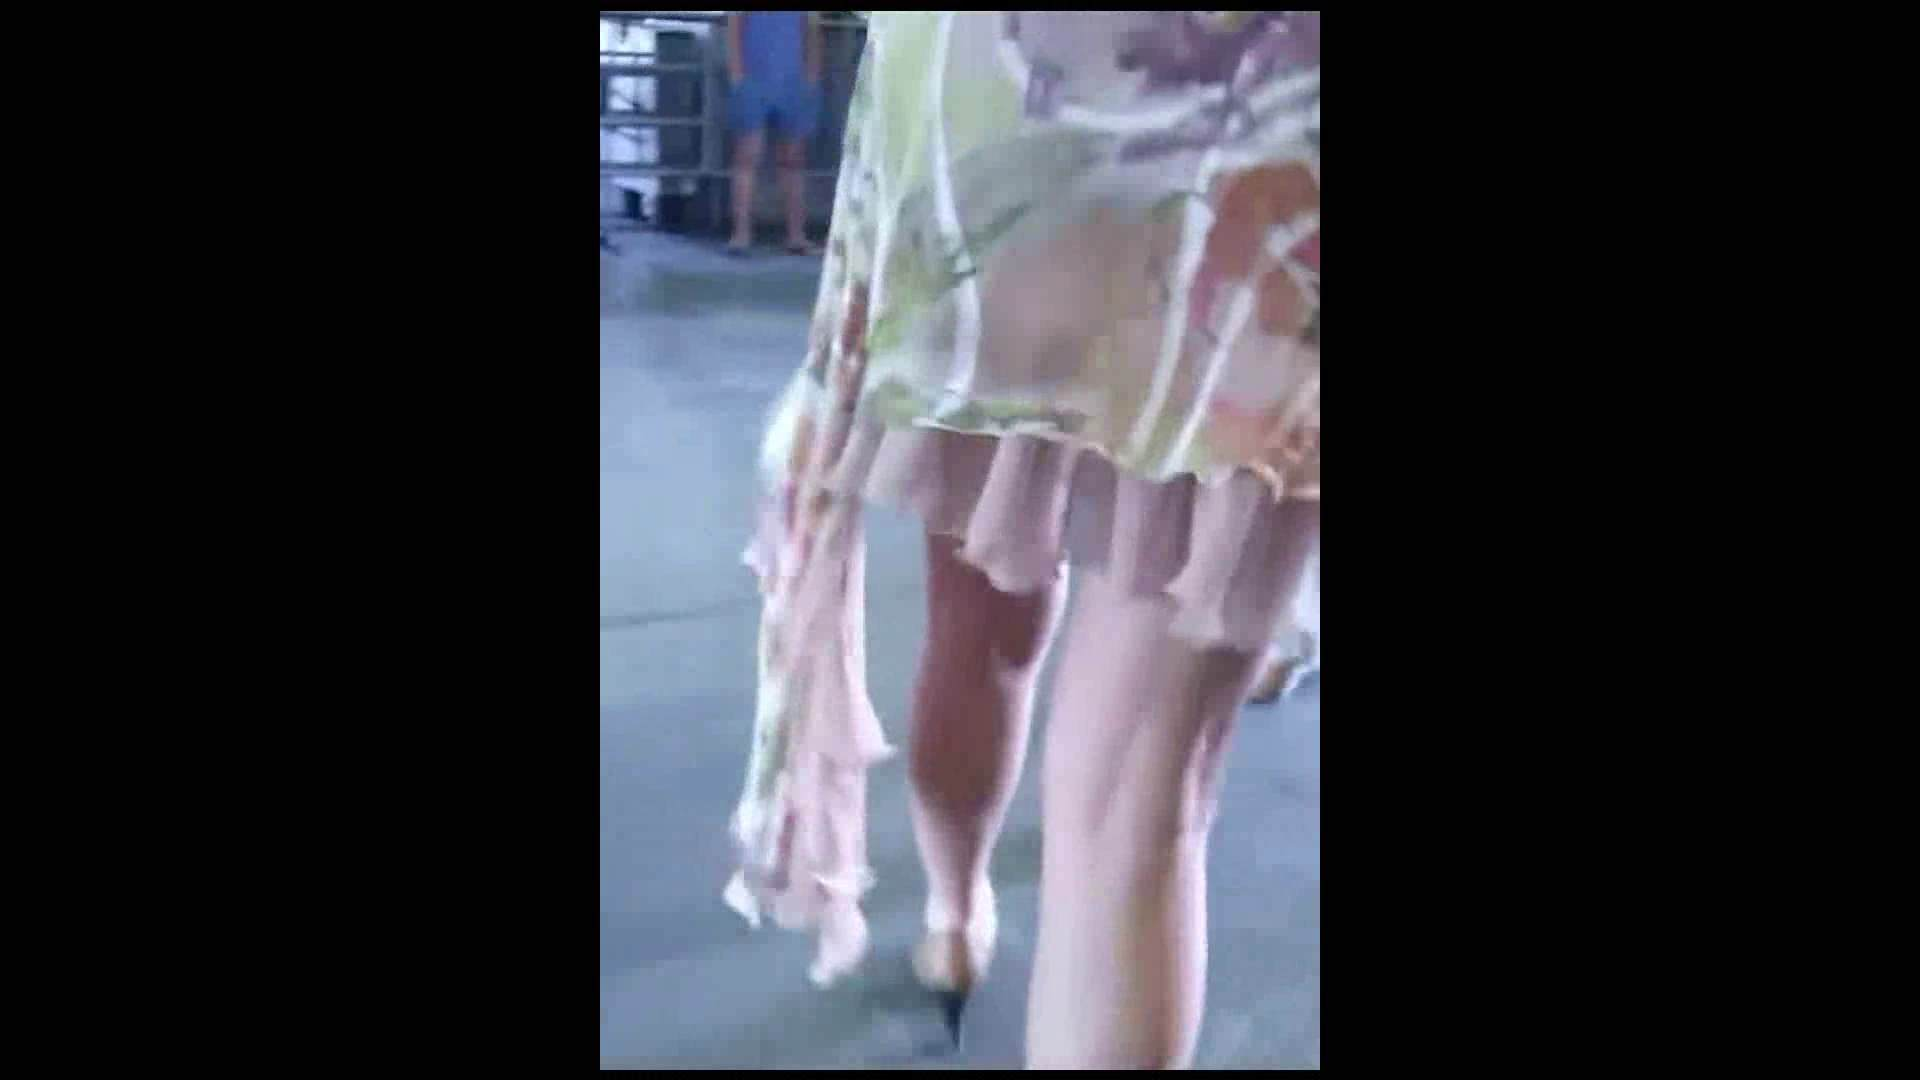 綺麗なモデルさんのスカート捲っちゃおう‼vol03 お姉さんのエロ動画  101PIX 60